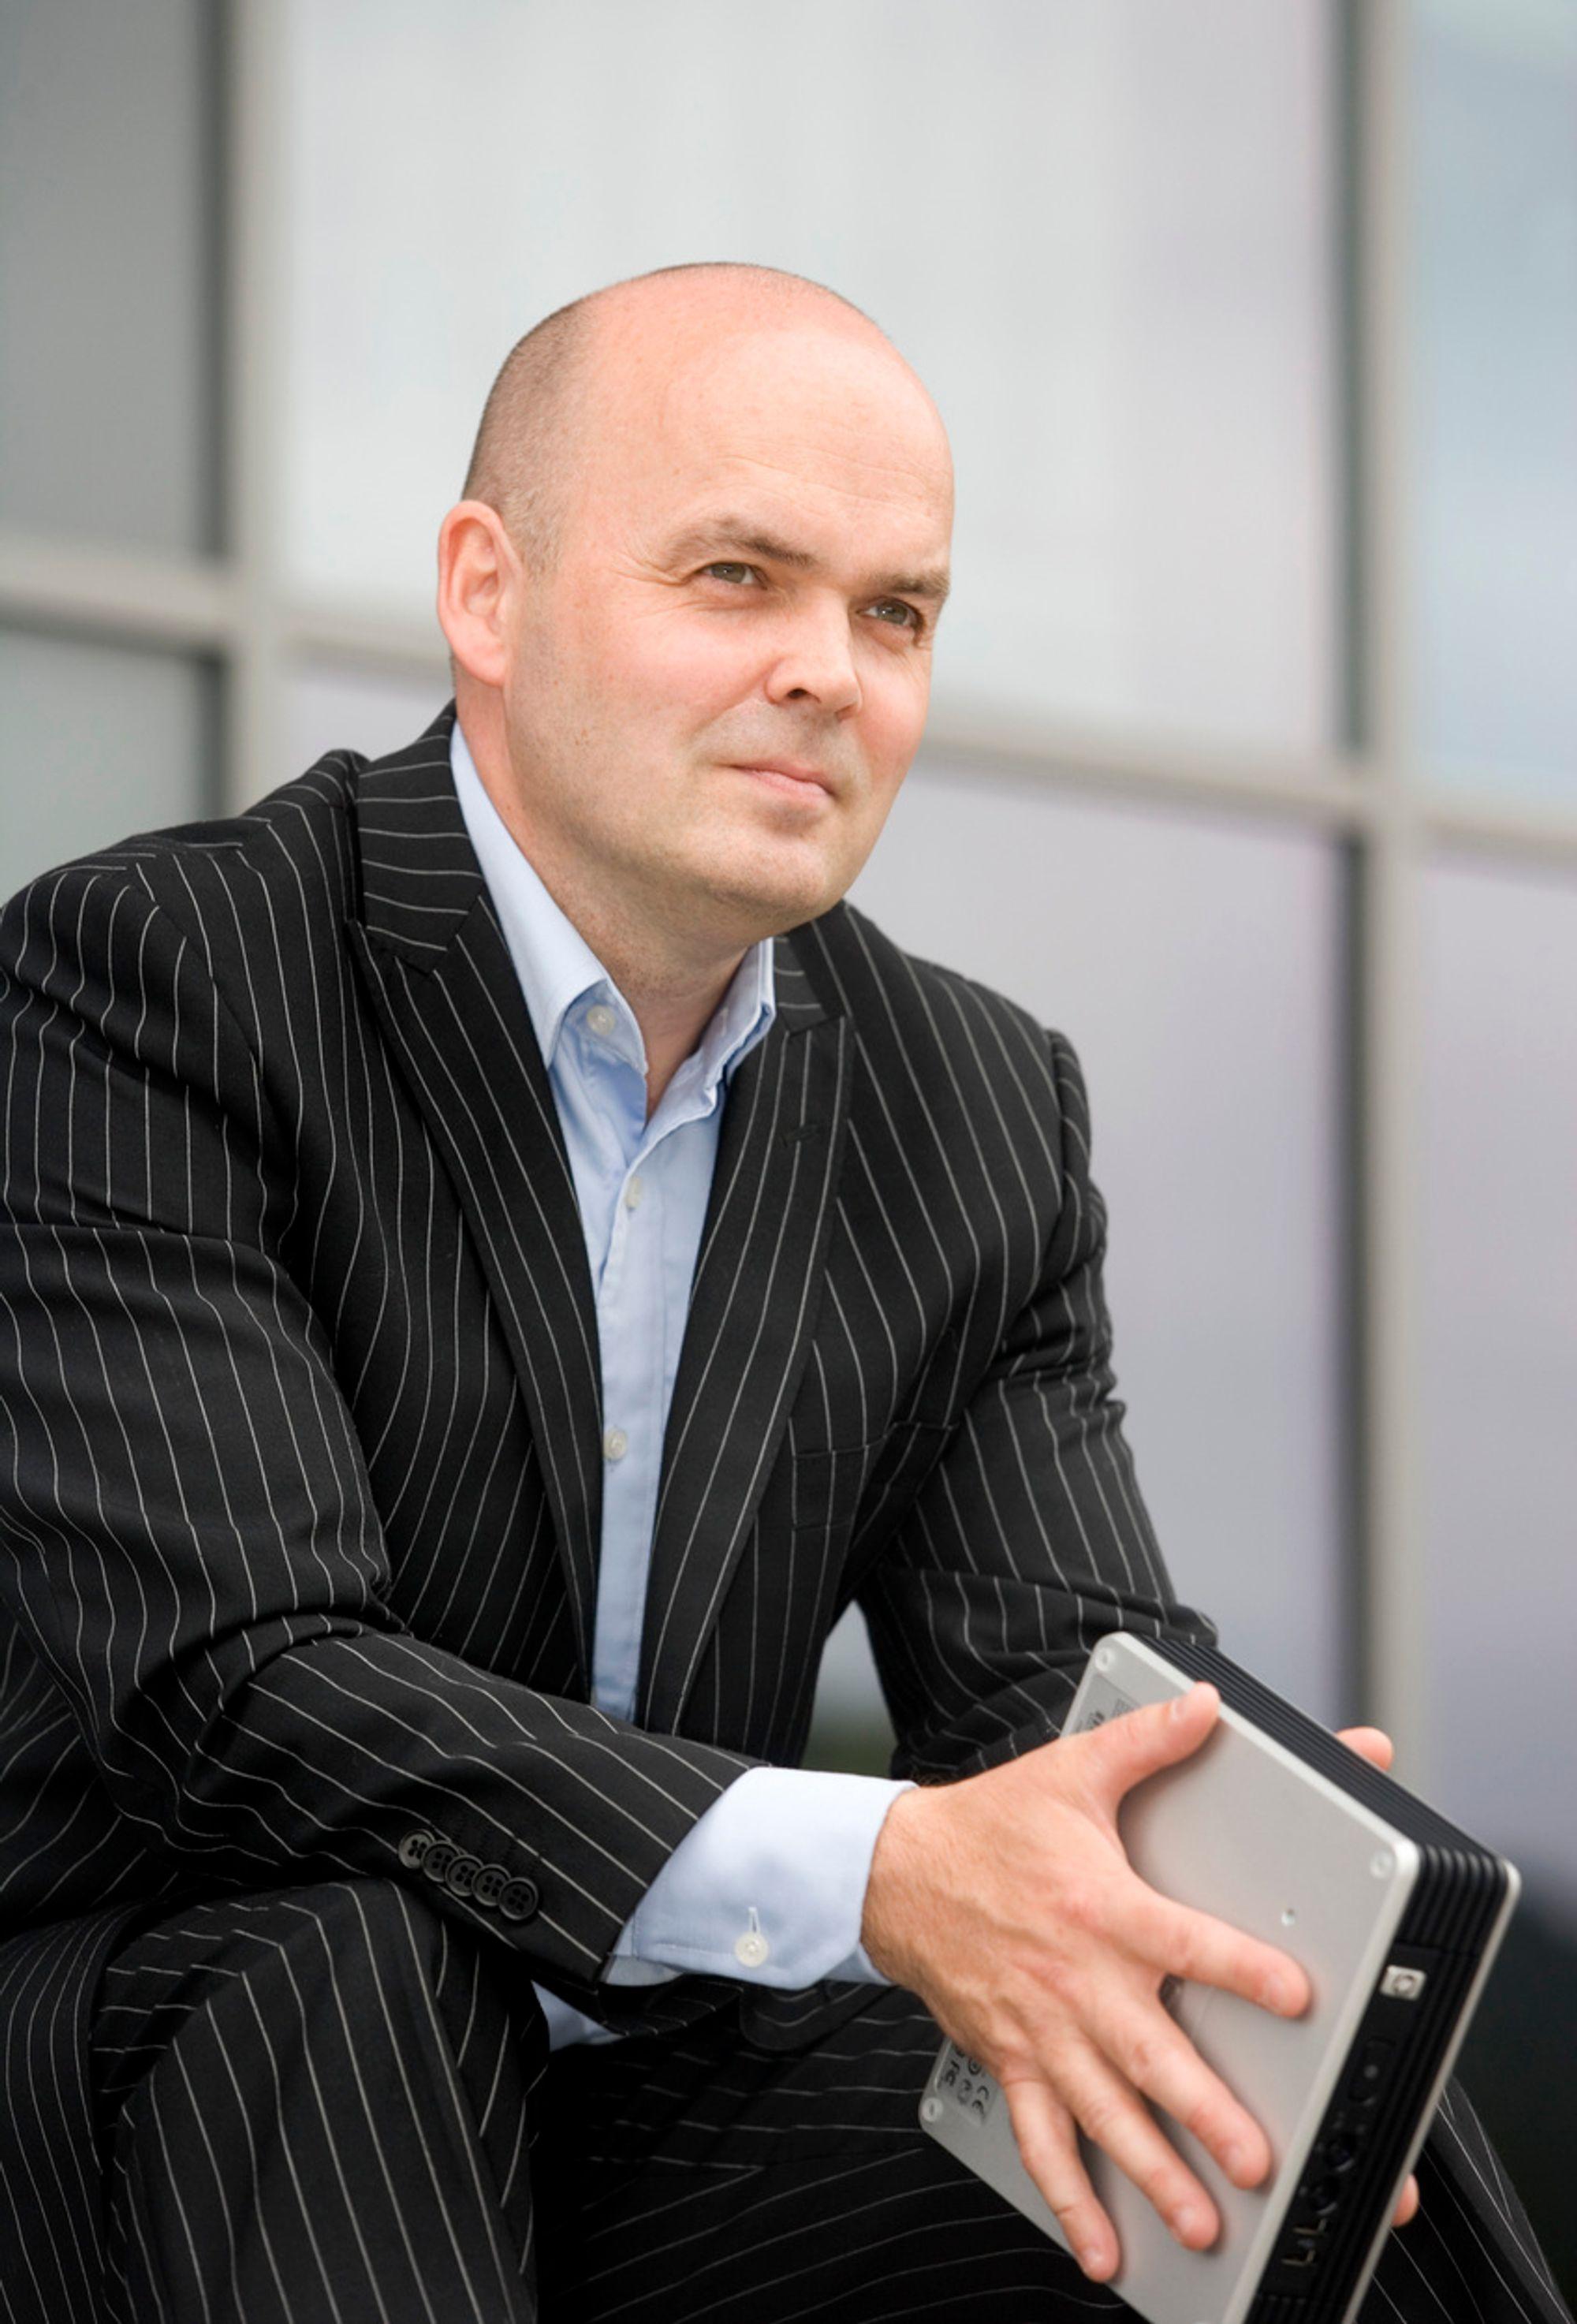 Øker. Norske bedrifter sitter ikke med hendene i fanget, men øker IT-investeringene, ifølge Sterias Anders Lindgren.